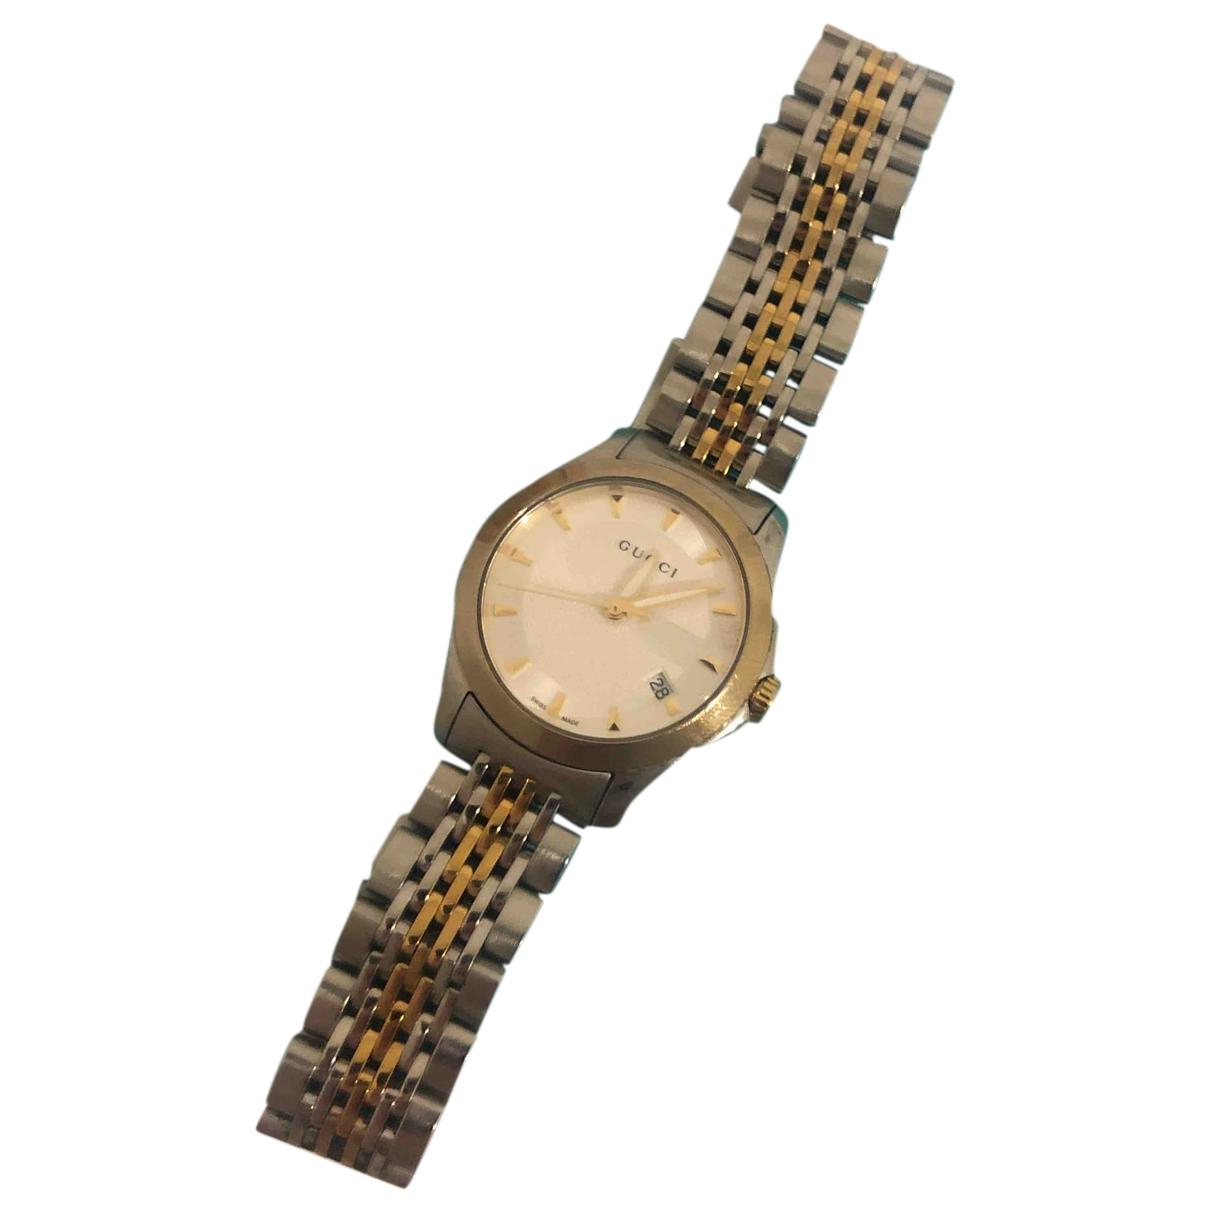 Gucci - Montre G-Timeless pour femme en acier - argent / or